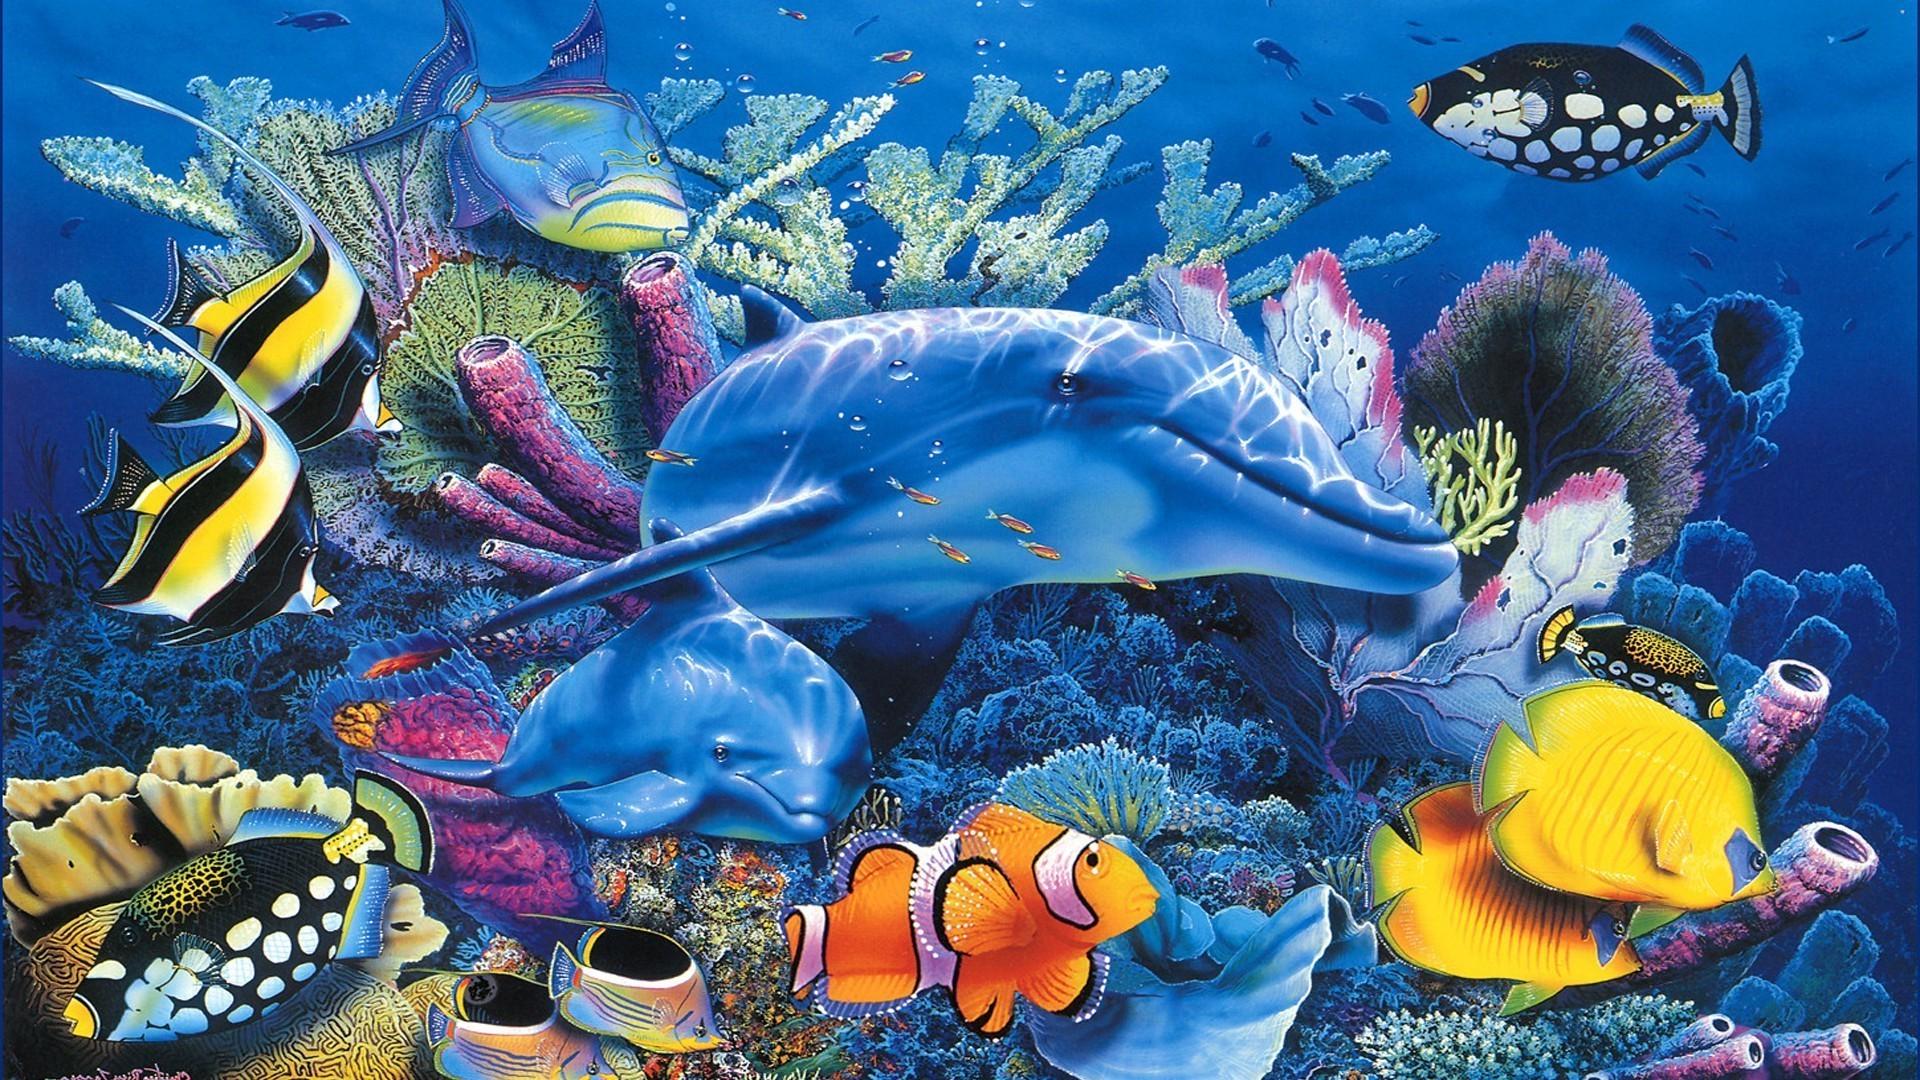 Яркие краски подводного мира  № 618937 бесплатно